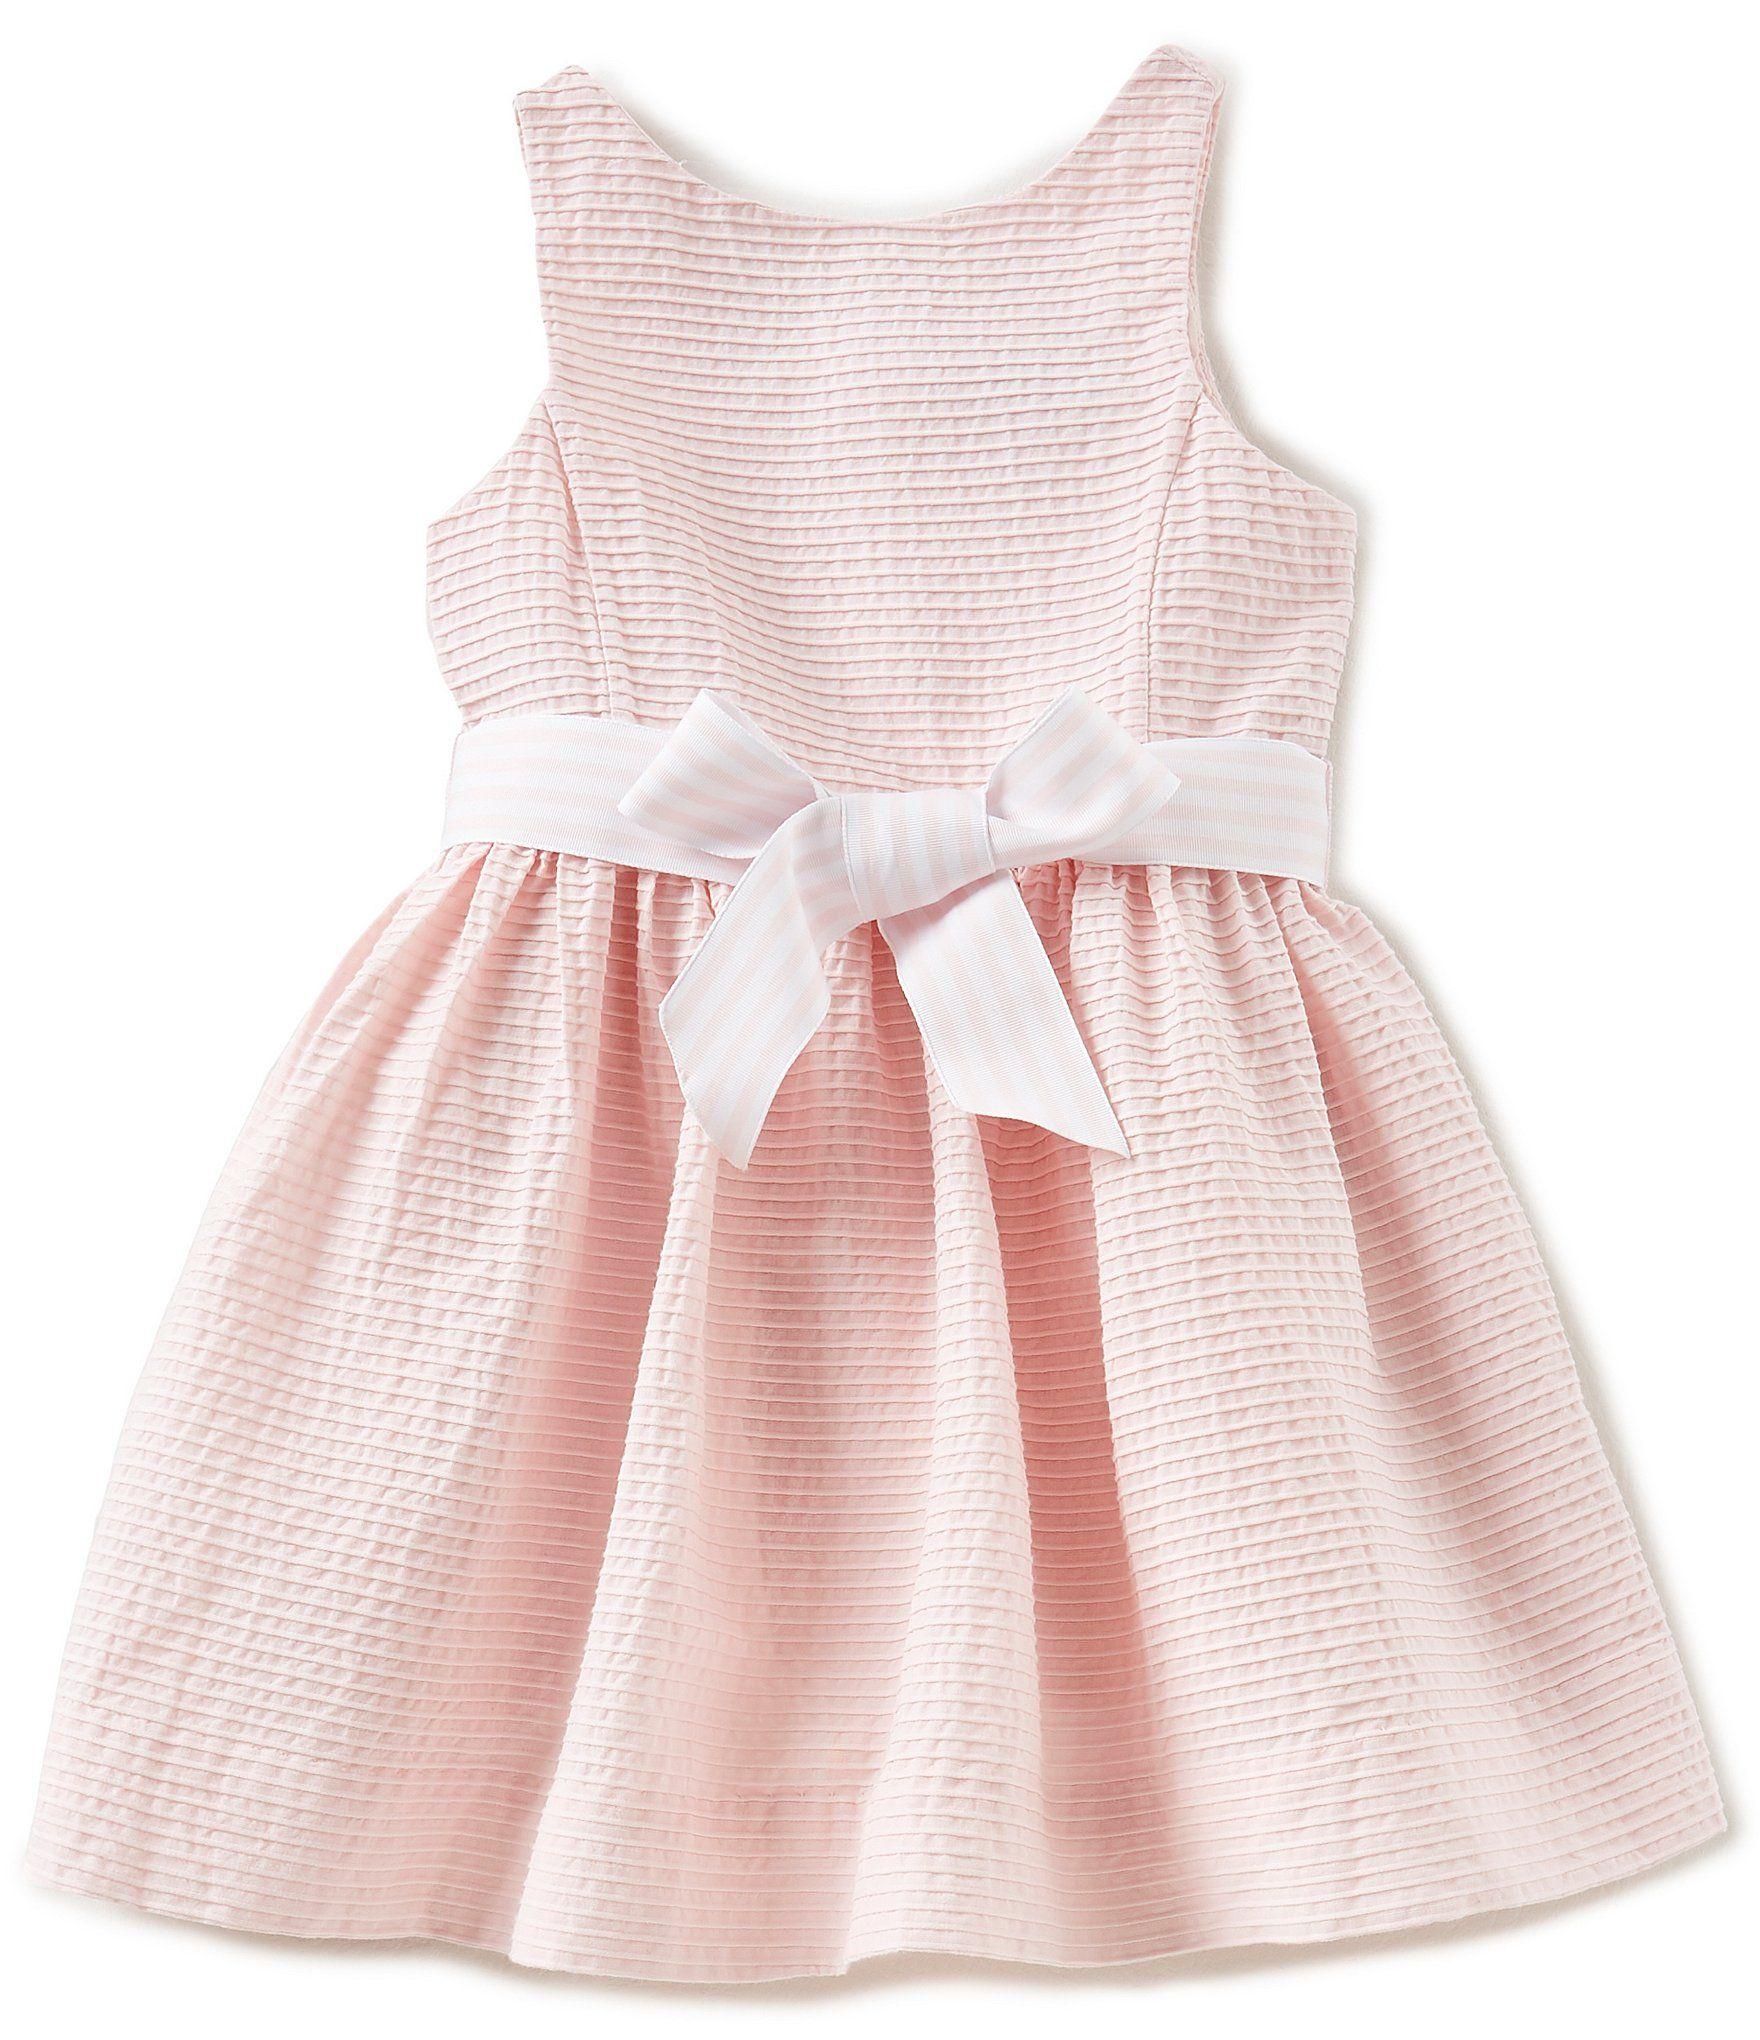 Wedding dresses dillards  Ralph Lauren Childrenswear Little Girls TX Pintucked FitAnd